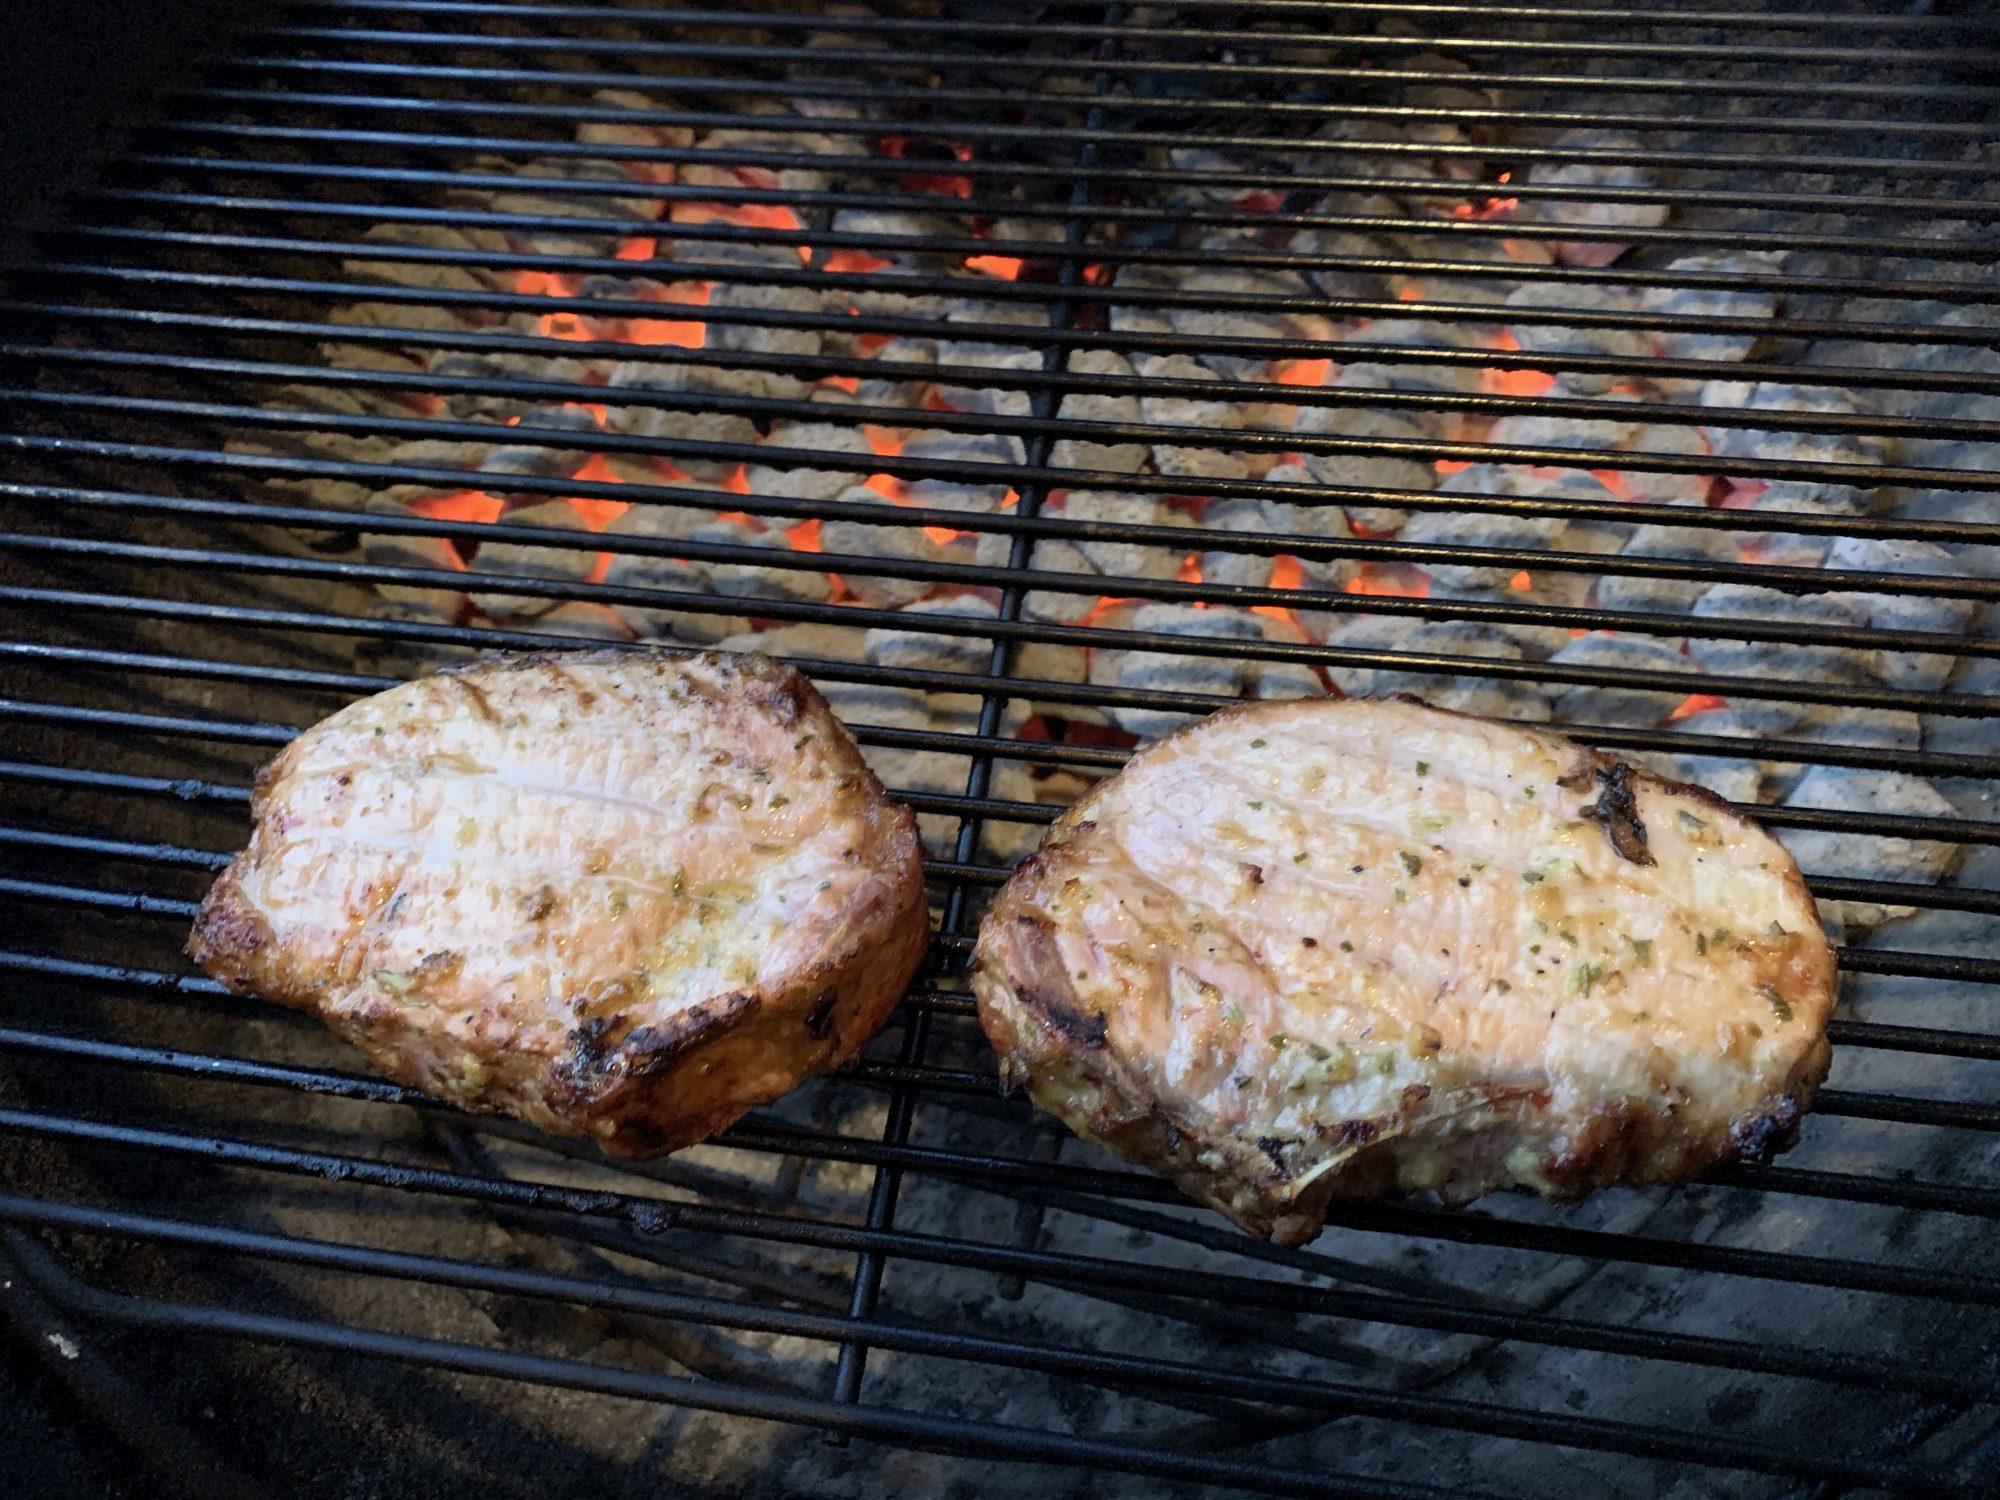 porkchop-grilling